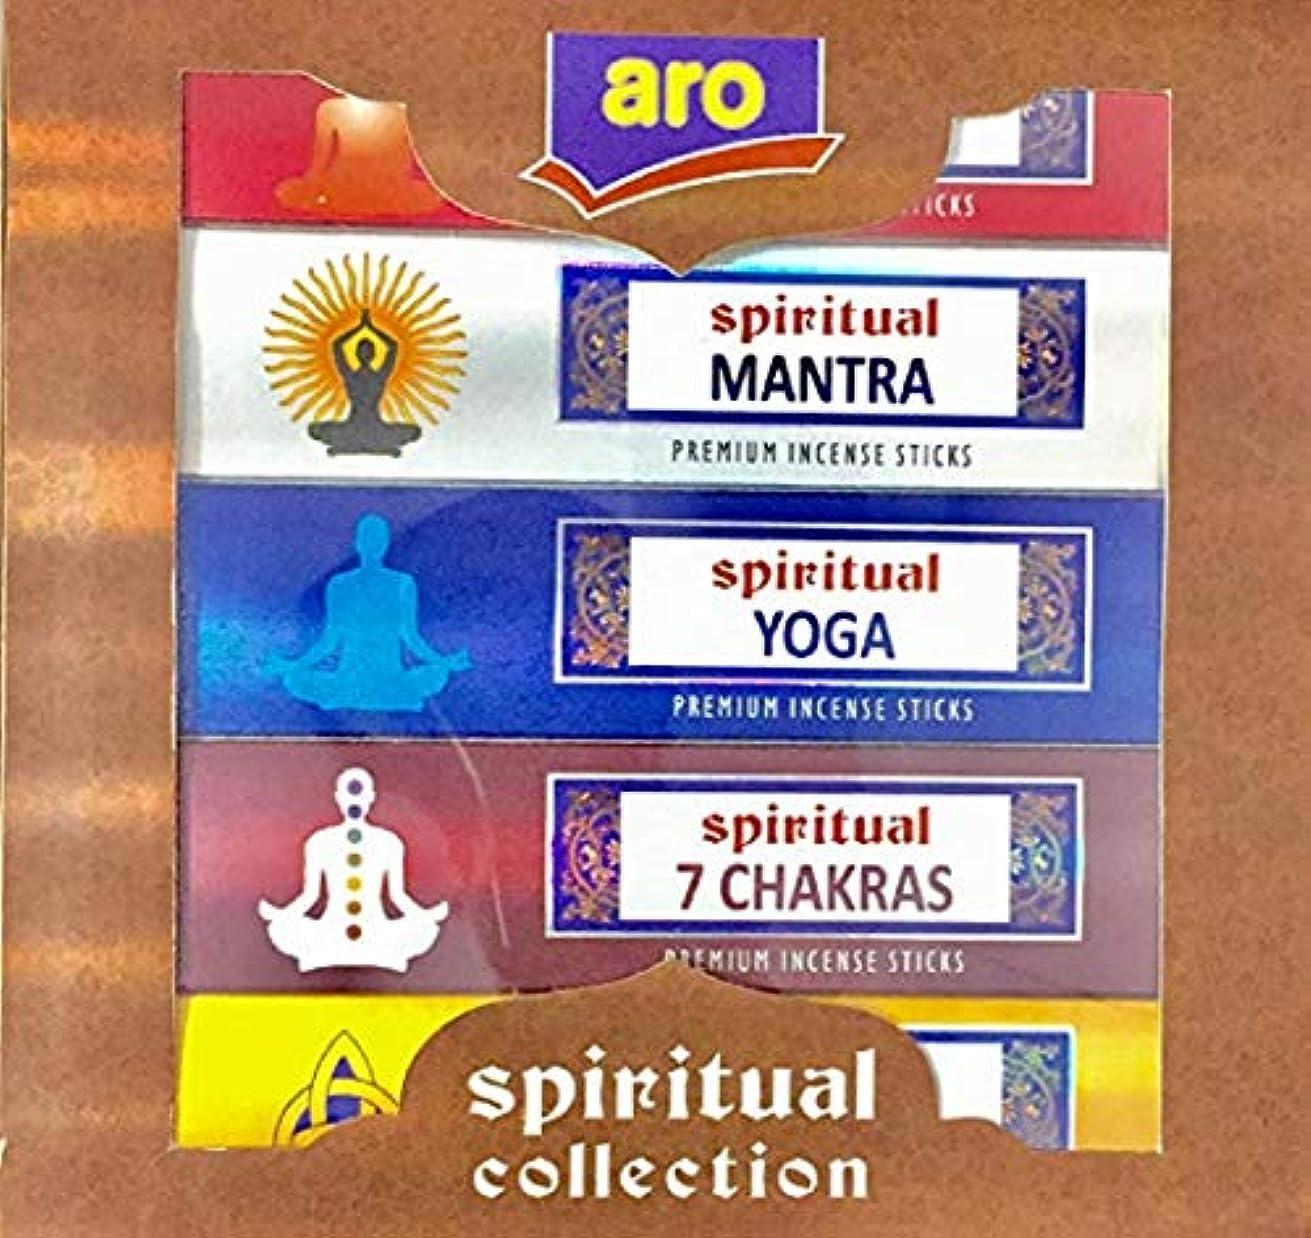 ベジタリアン非武装化カメAro – SpiritualコレクションプレミアムIncense Sticks – Spiritual Guru、Spiritual Mantra Spiritualヨガ、Spiritual、7チャクラ、& Spiritual...